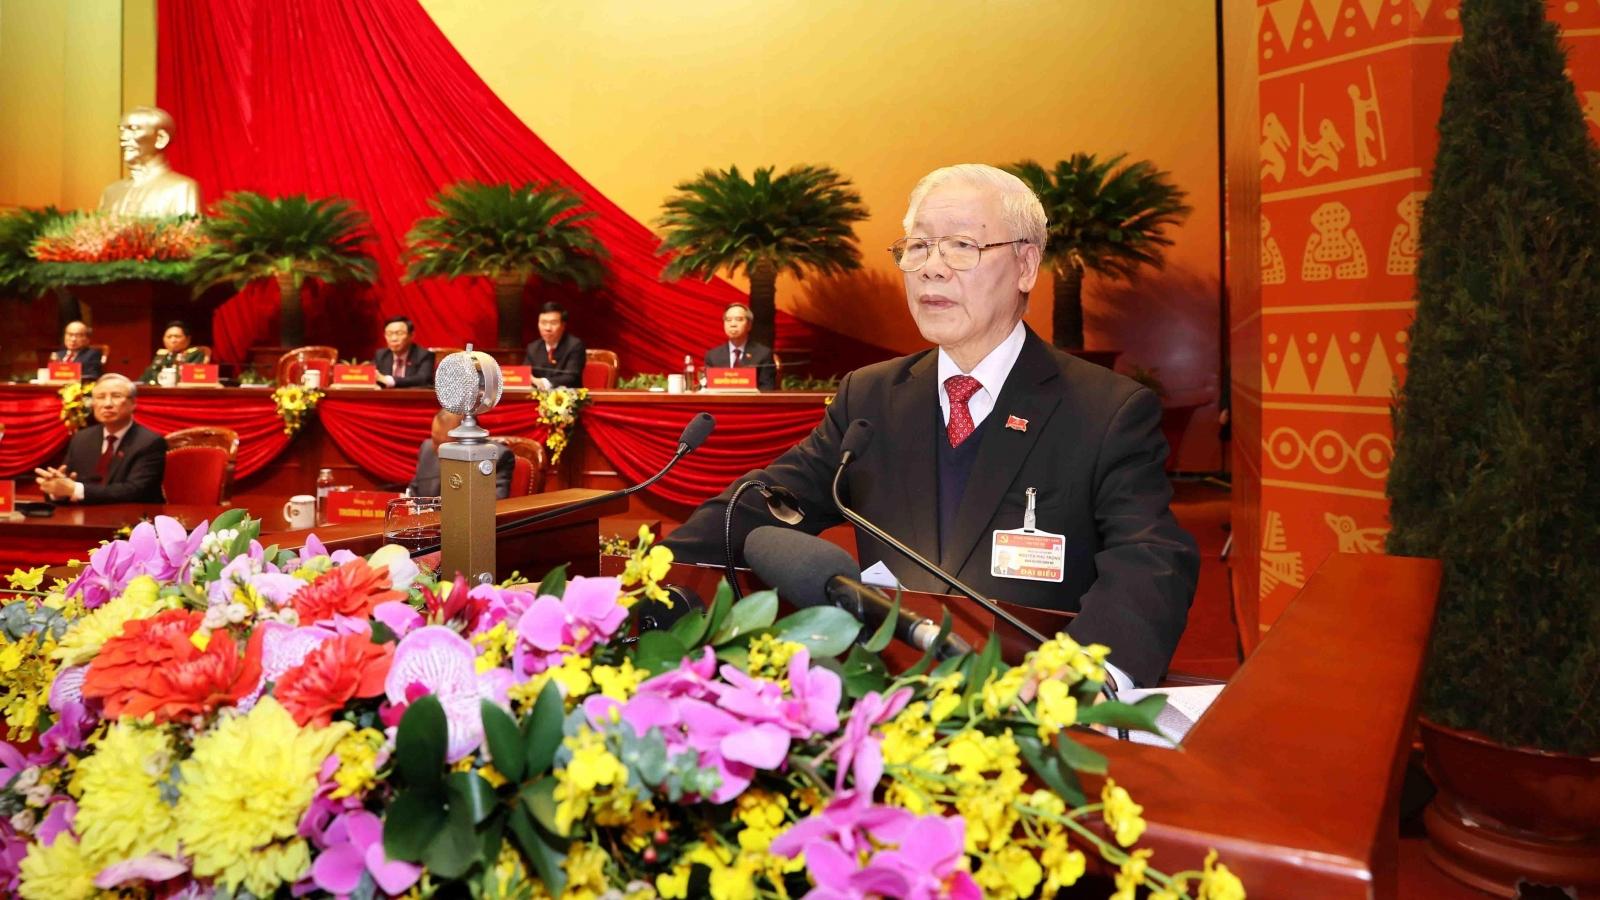 Đại hội XIII thành công tạo sự ổn định chính trị và phát triển kinh tế của Việt Nam